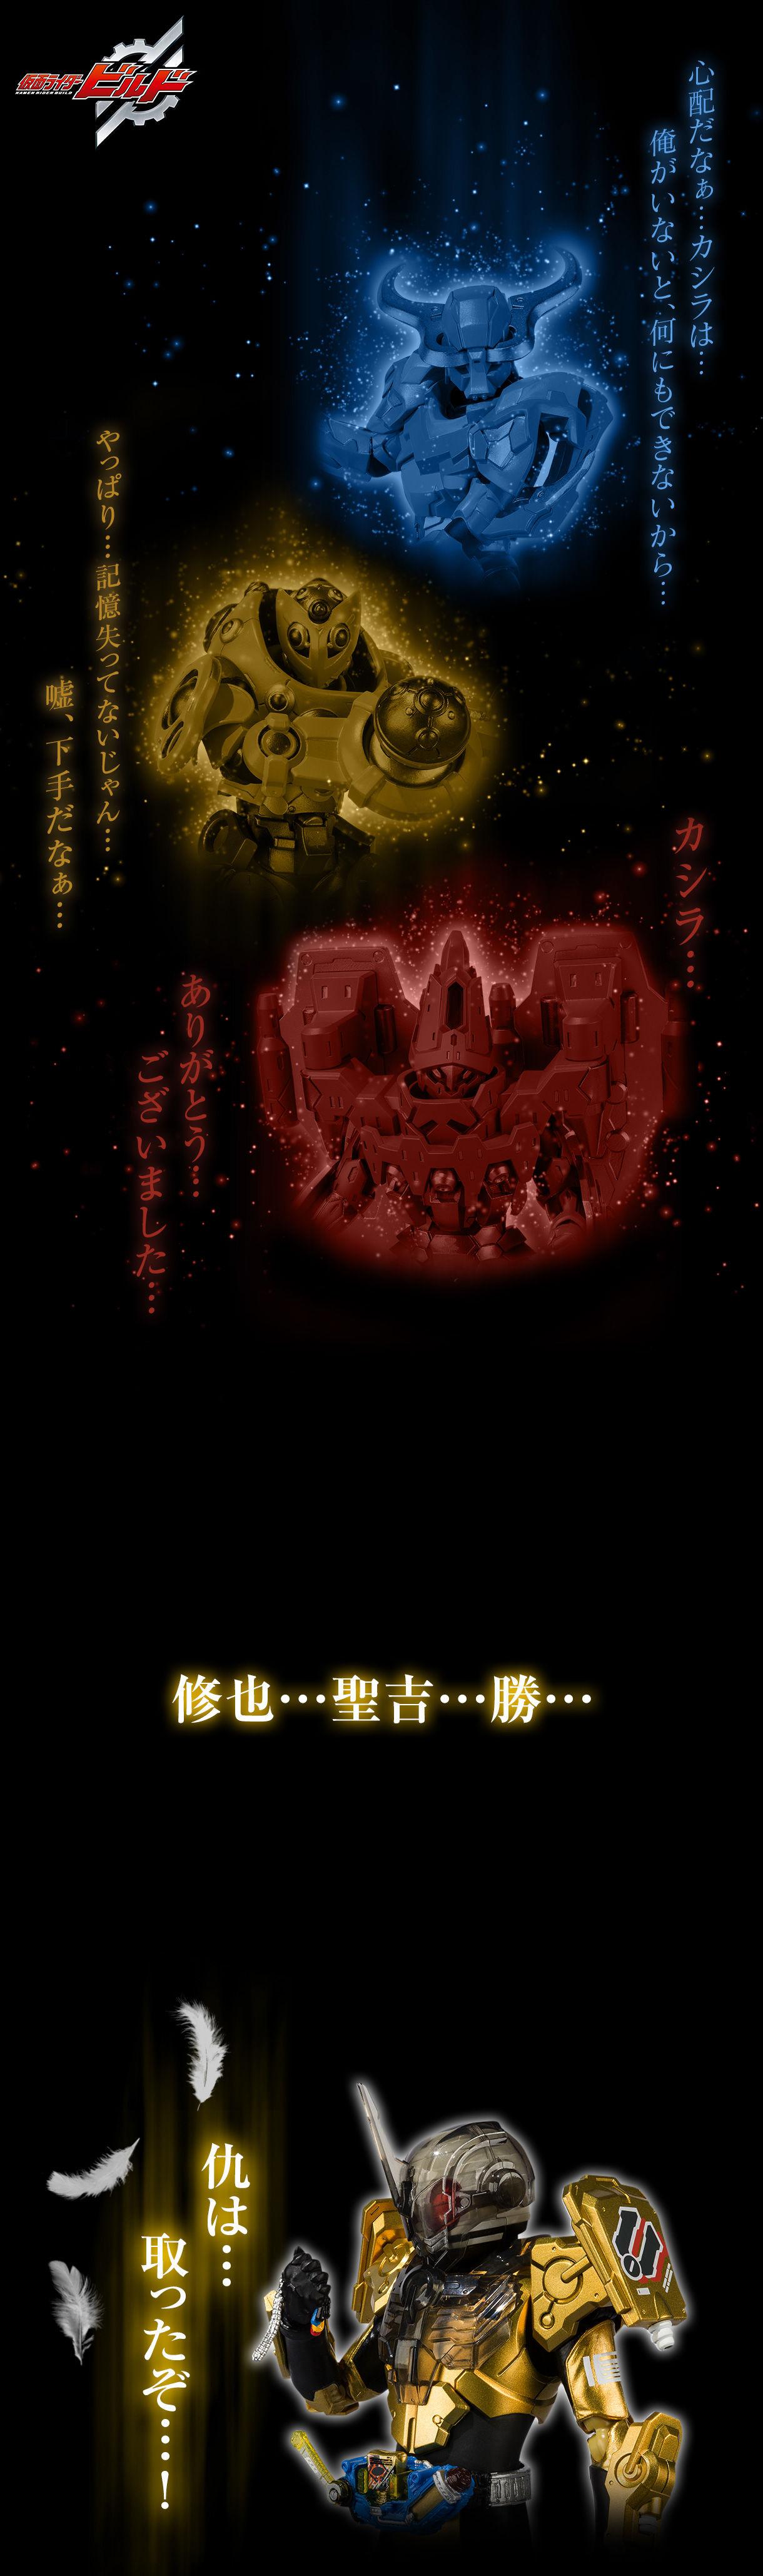 Figuarts ZERO + S.H.Figuarts《假面騎士Build》「北都 猿渡&三羽鴉」!フィギュアーツZERO+S.H.Figuarts 北都の猿渡ファームセット